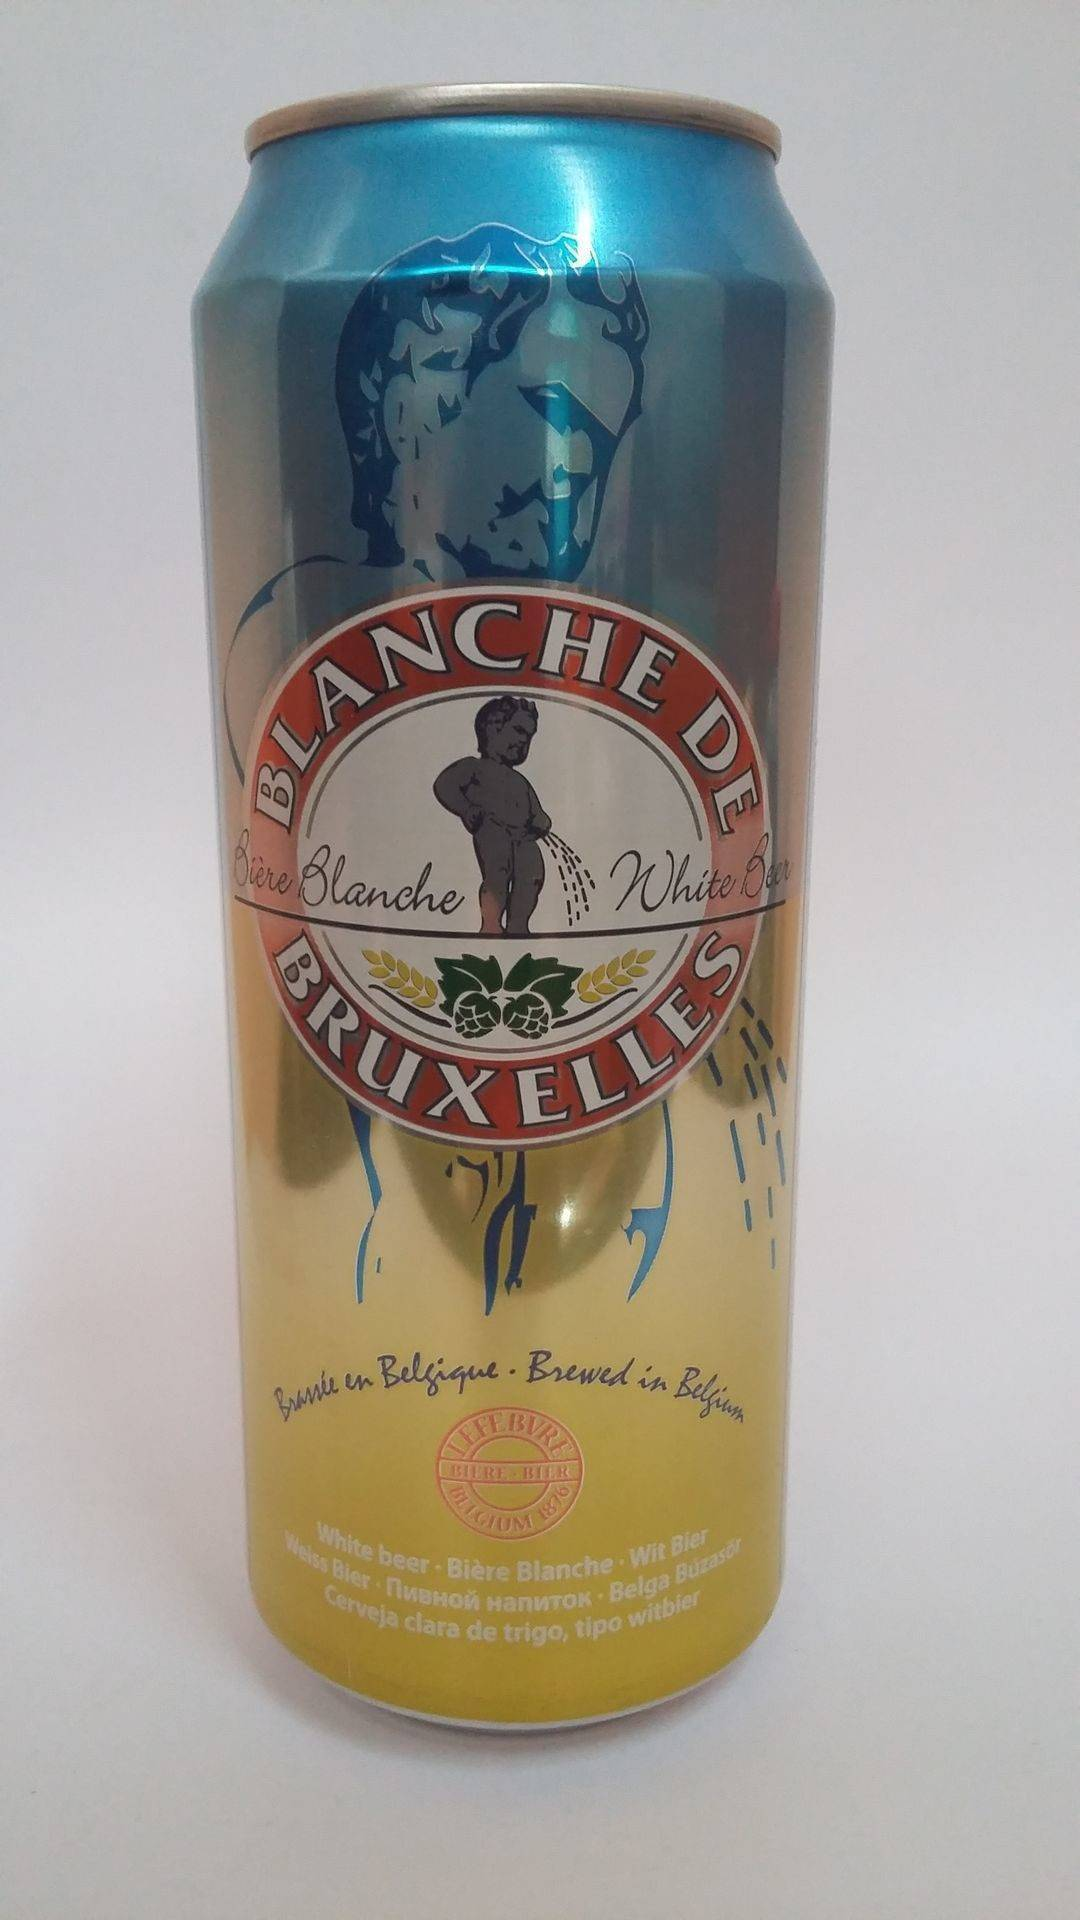 Пивоварня лефевр и их пиво бланш де брюссель. бельгийский напиток бланш де брюссель характерные черты